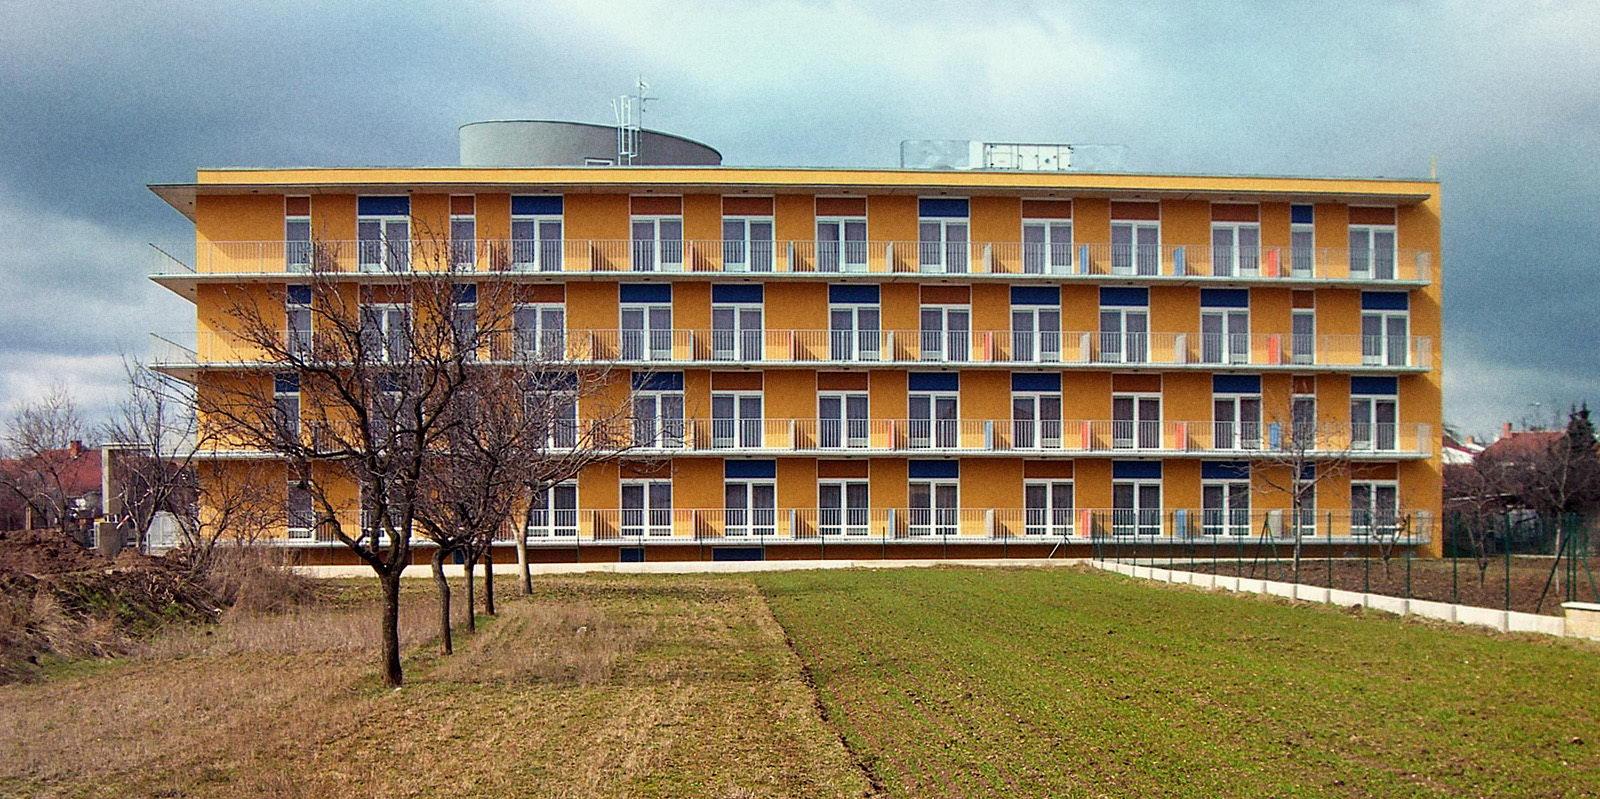 domov důchodců   Brno - Tuřany   04